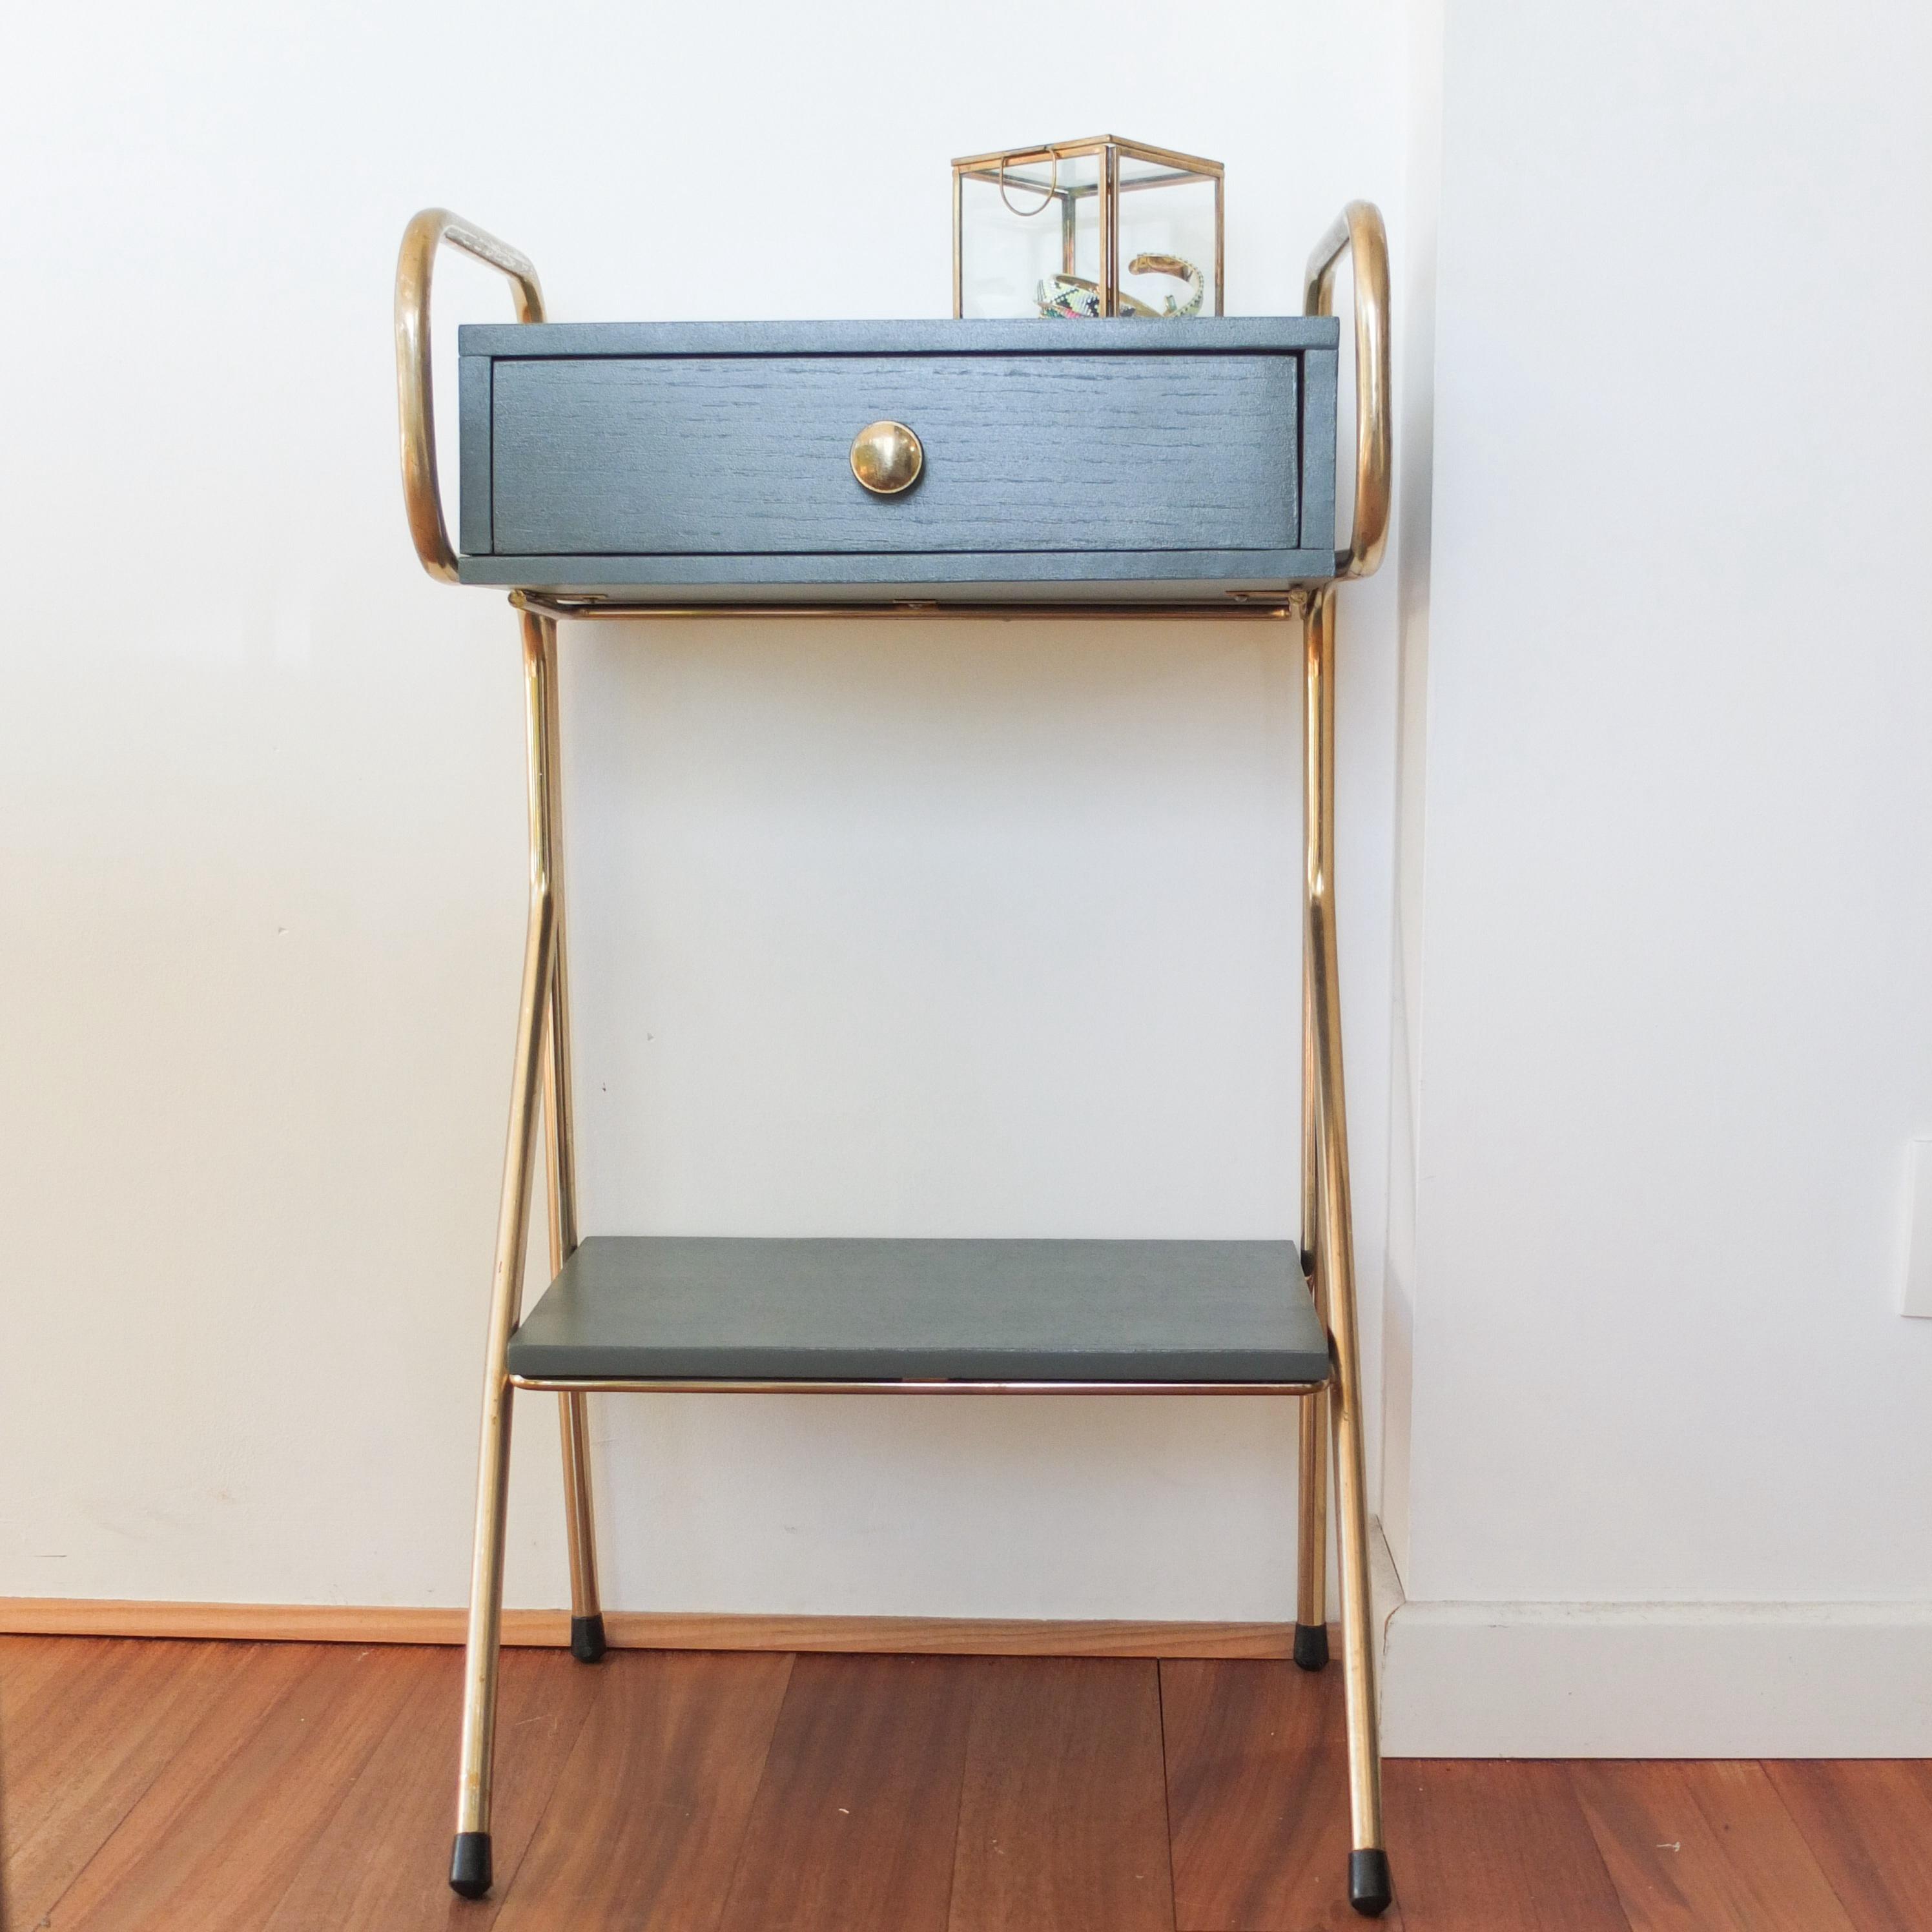 chevet ann es 50 jacques hitier laiton et down pipe vintage magic. Black Bedroom Furniture Sets. Home Design Ideas